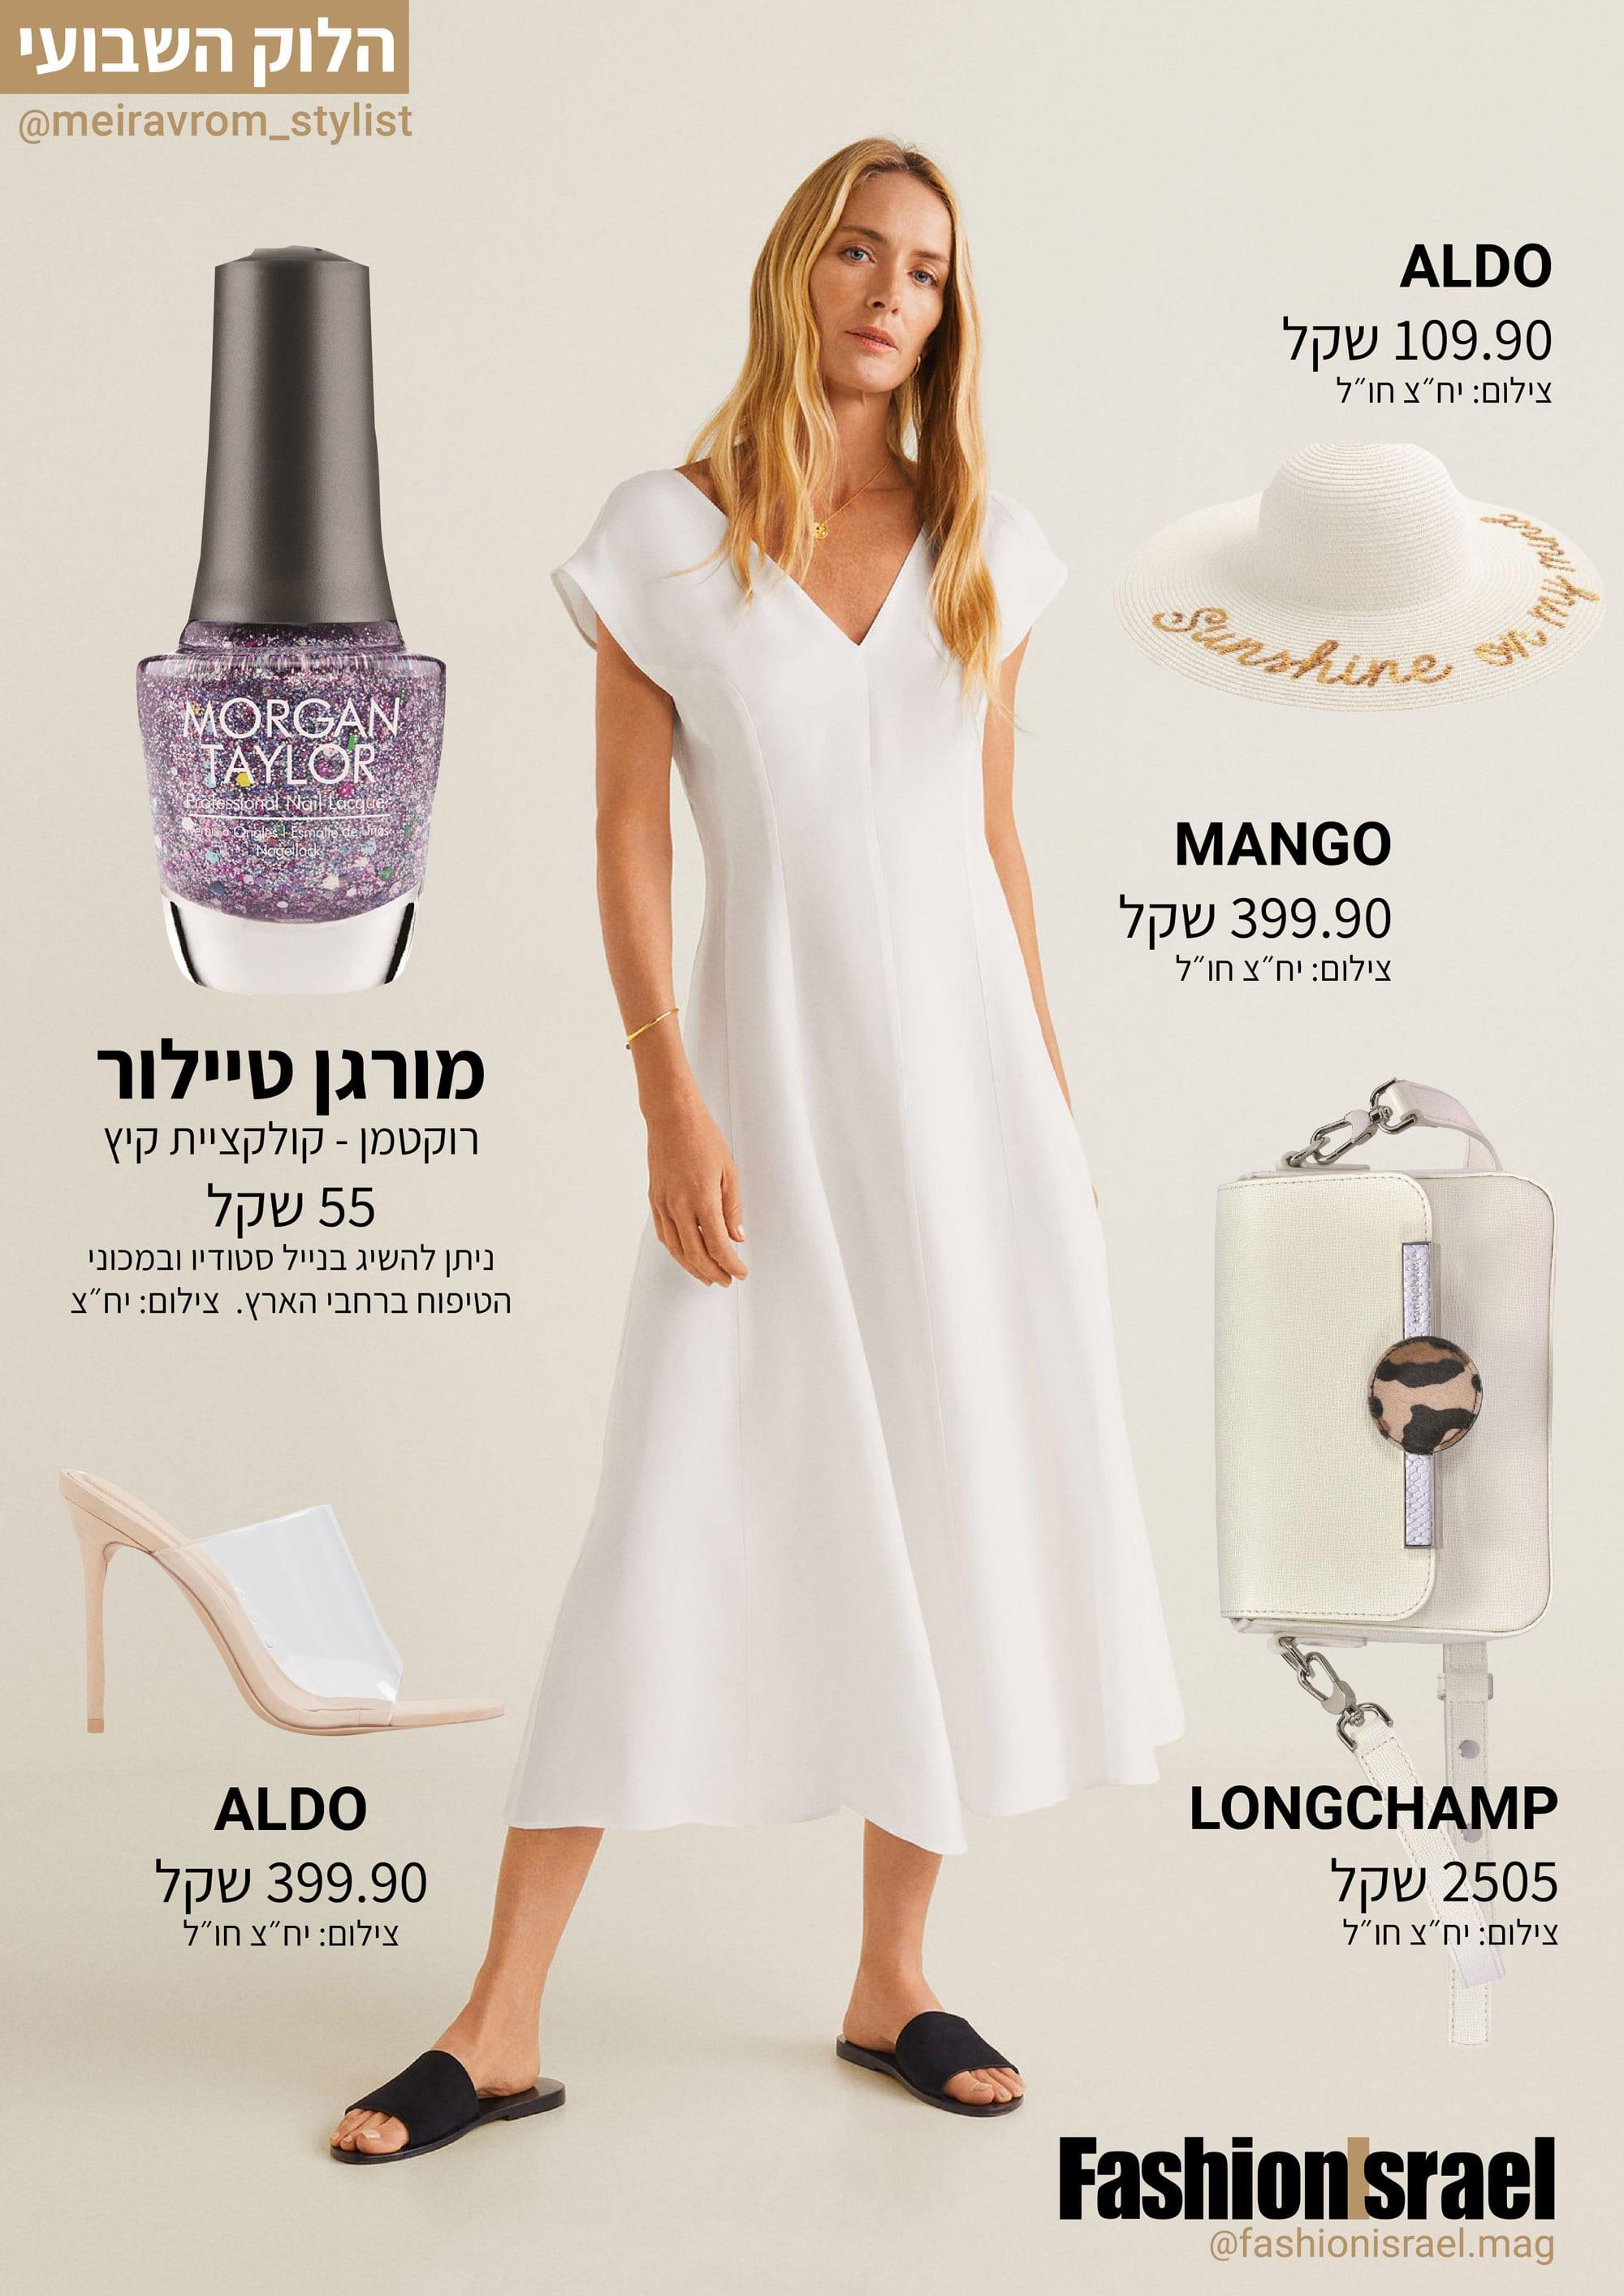 שמלה לבנה של מנגו, כובע קש של אלדו, לק מורגן טיילור קולקציית קיץ רוקטמן, נעליים לבנות ALDO. תיק לאישה, LONGCHAMP. חג שבועות לבן, יפה וטרנדי